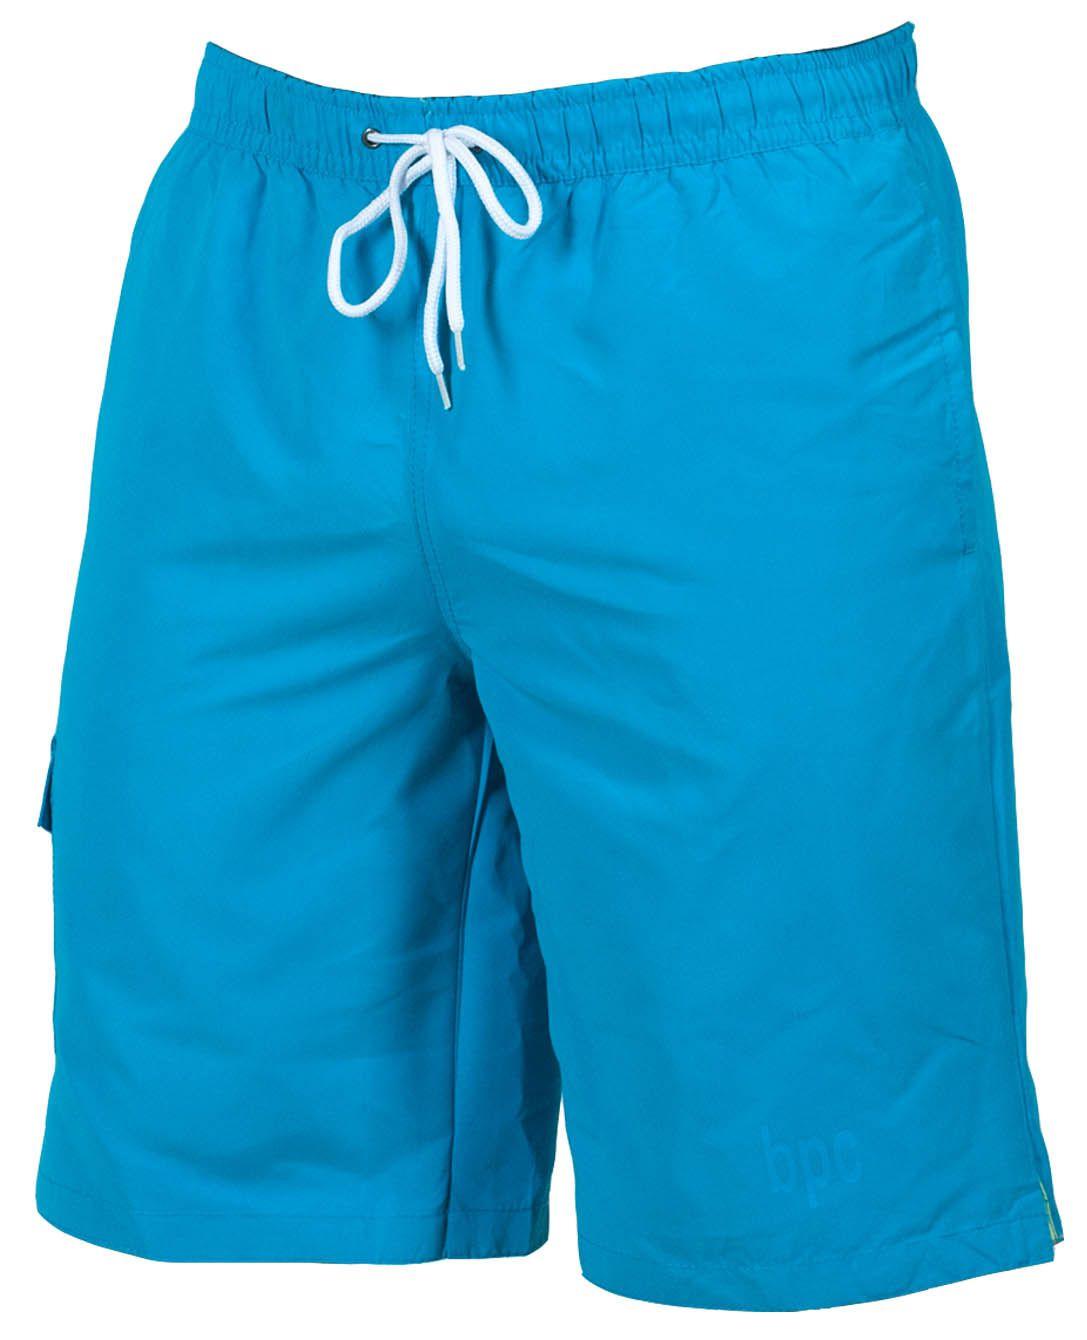 Мужские купальные шорты (BPC)